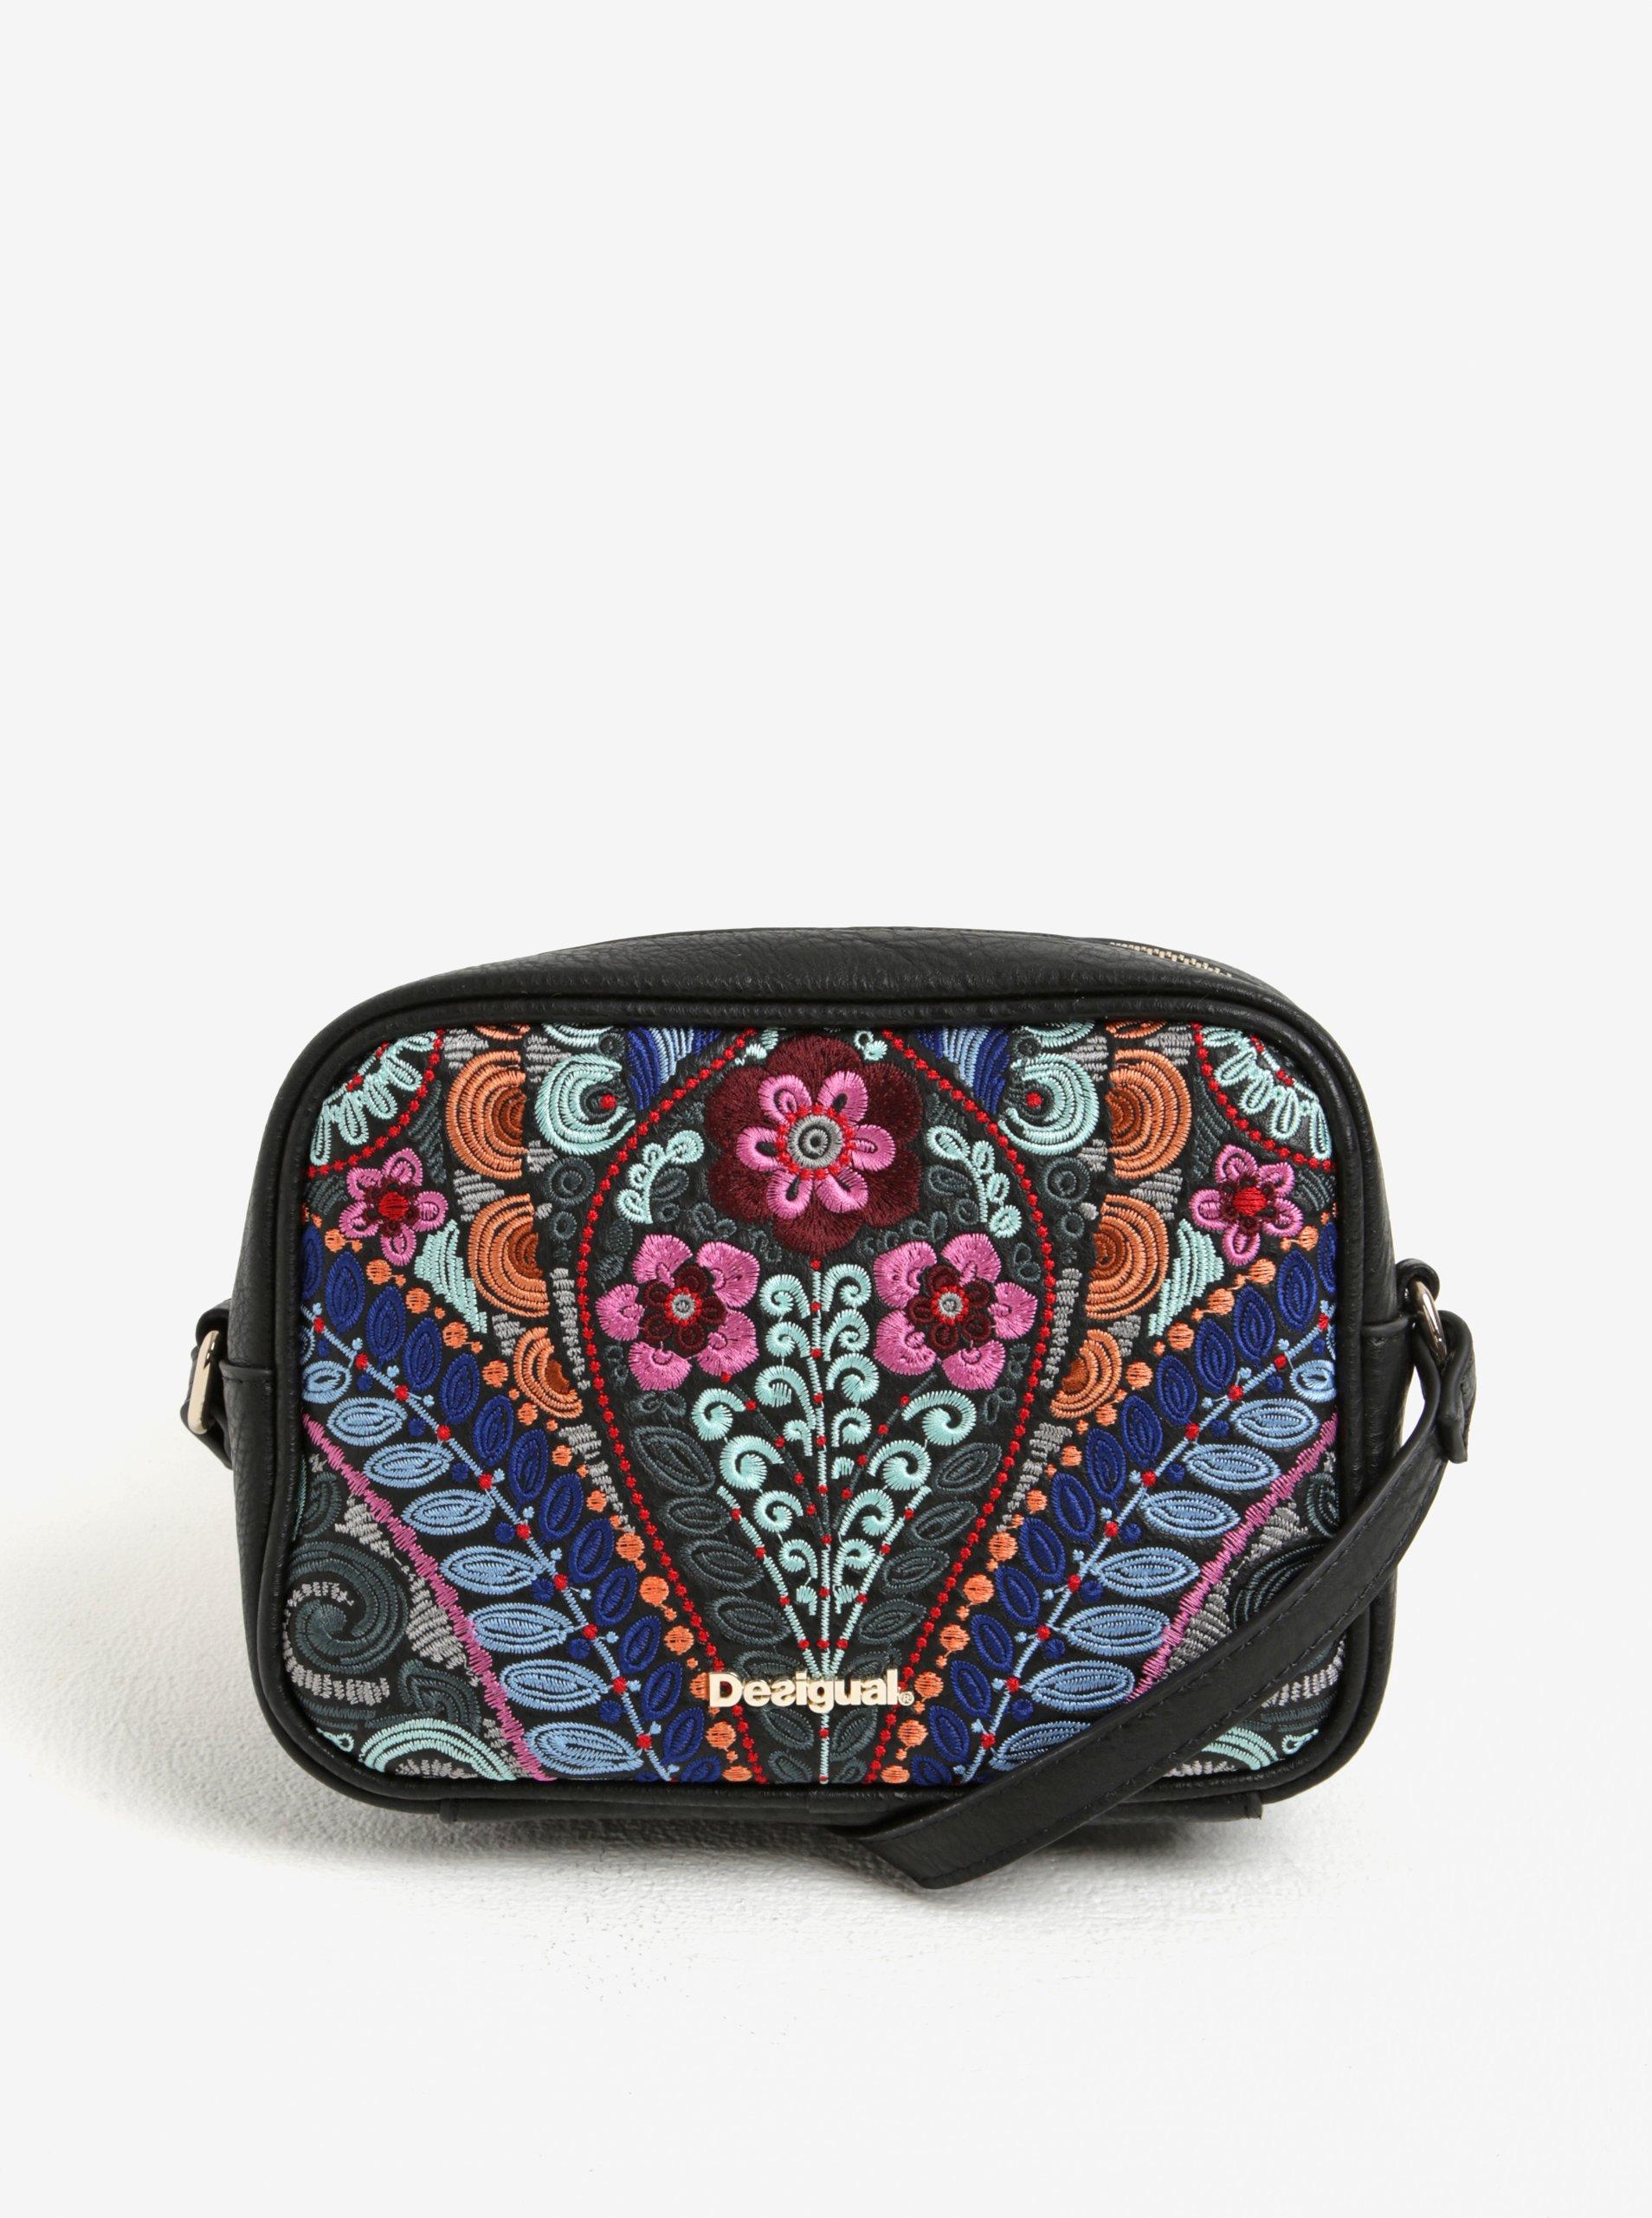 Růžovo-černá vzorovaná crossbody kabelka Desigual Charlotte Pika